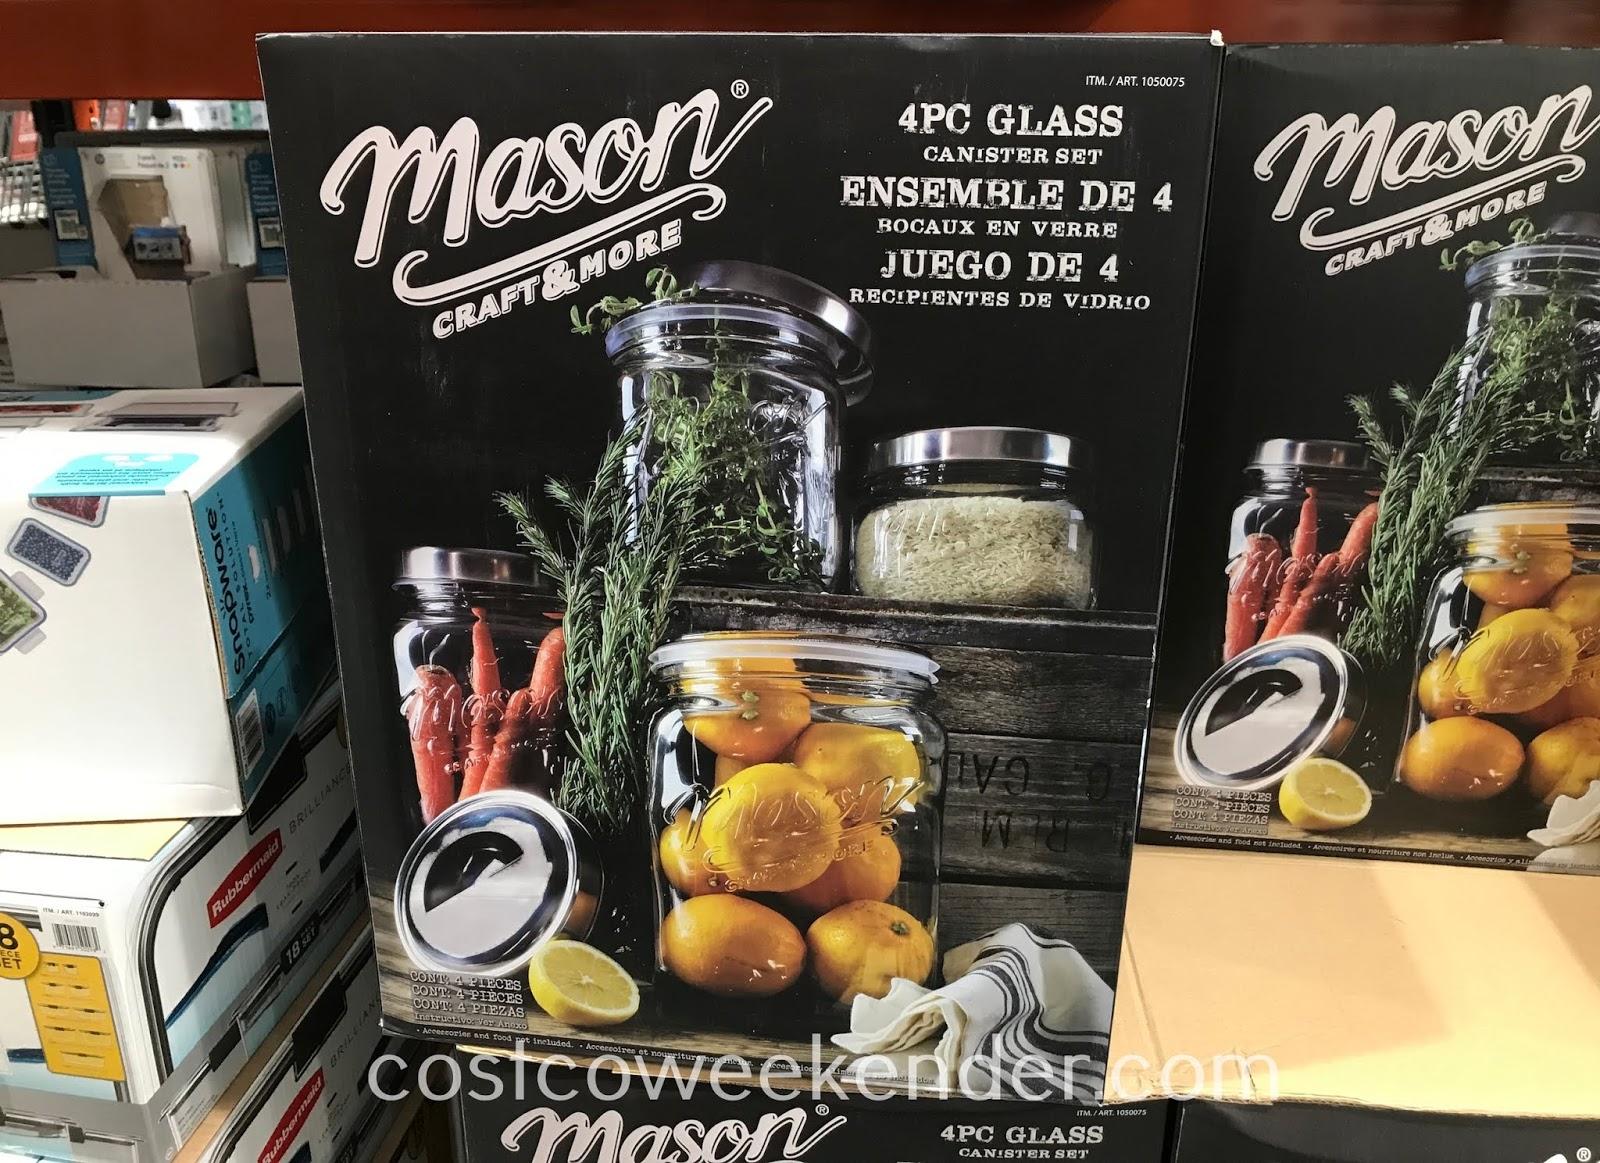 Store flour, pasta, treats in Oversized Mason Jars